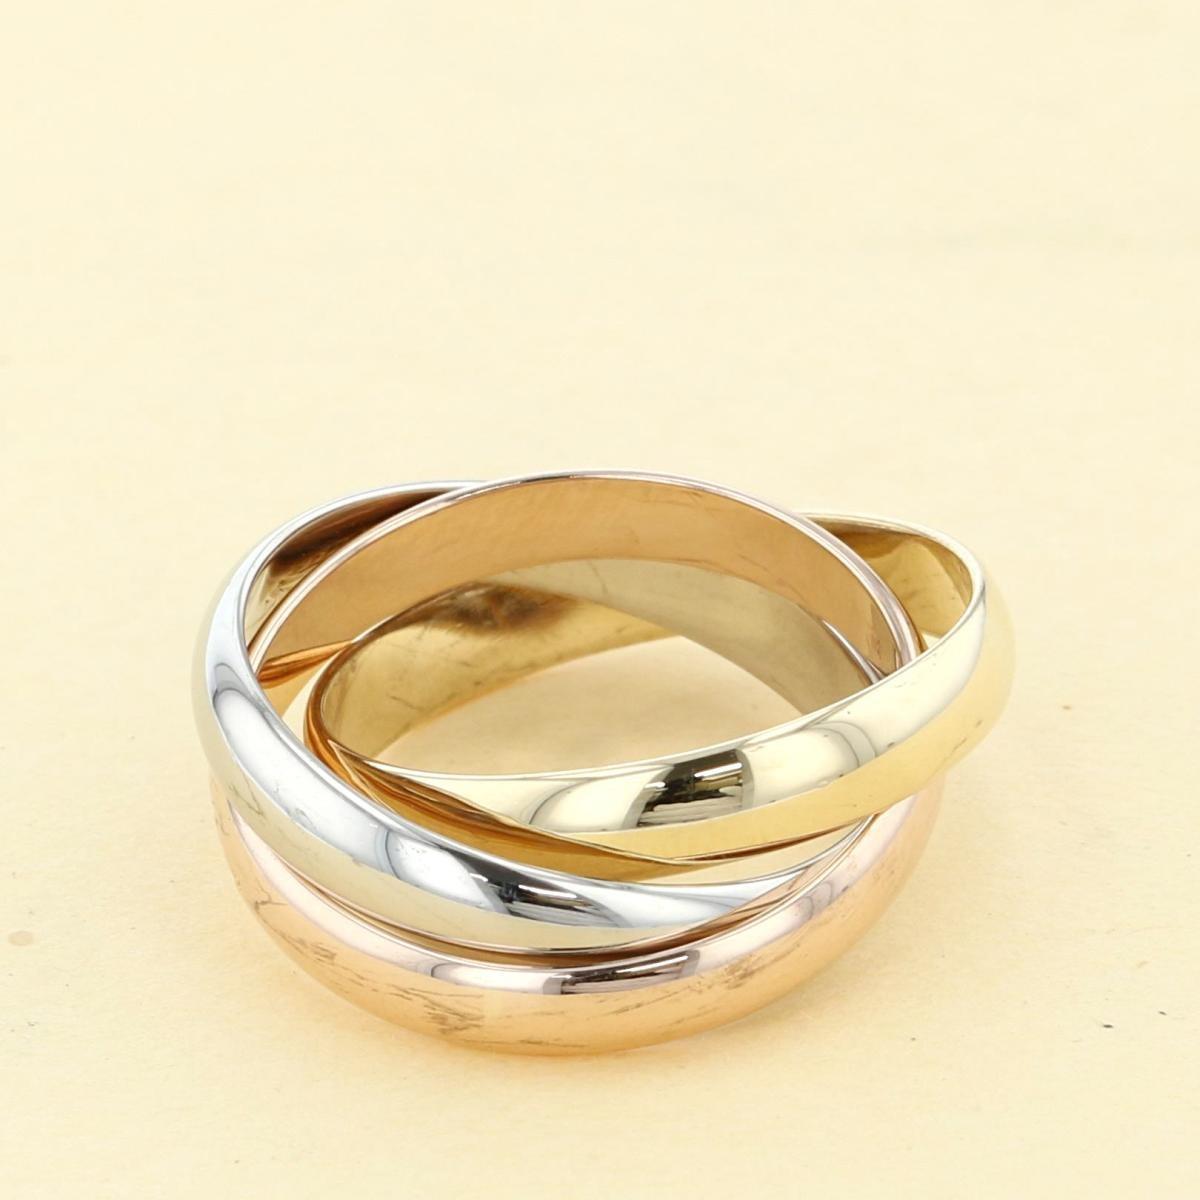 【中古】 Cartier (カルティエ) トリニティリング 750WG/PG/YG ブランドジュエリー 指輪 TRINITY RING 3-GOLD 18K  B4086100 used:A